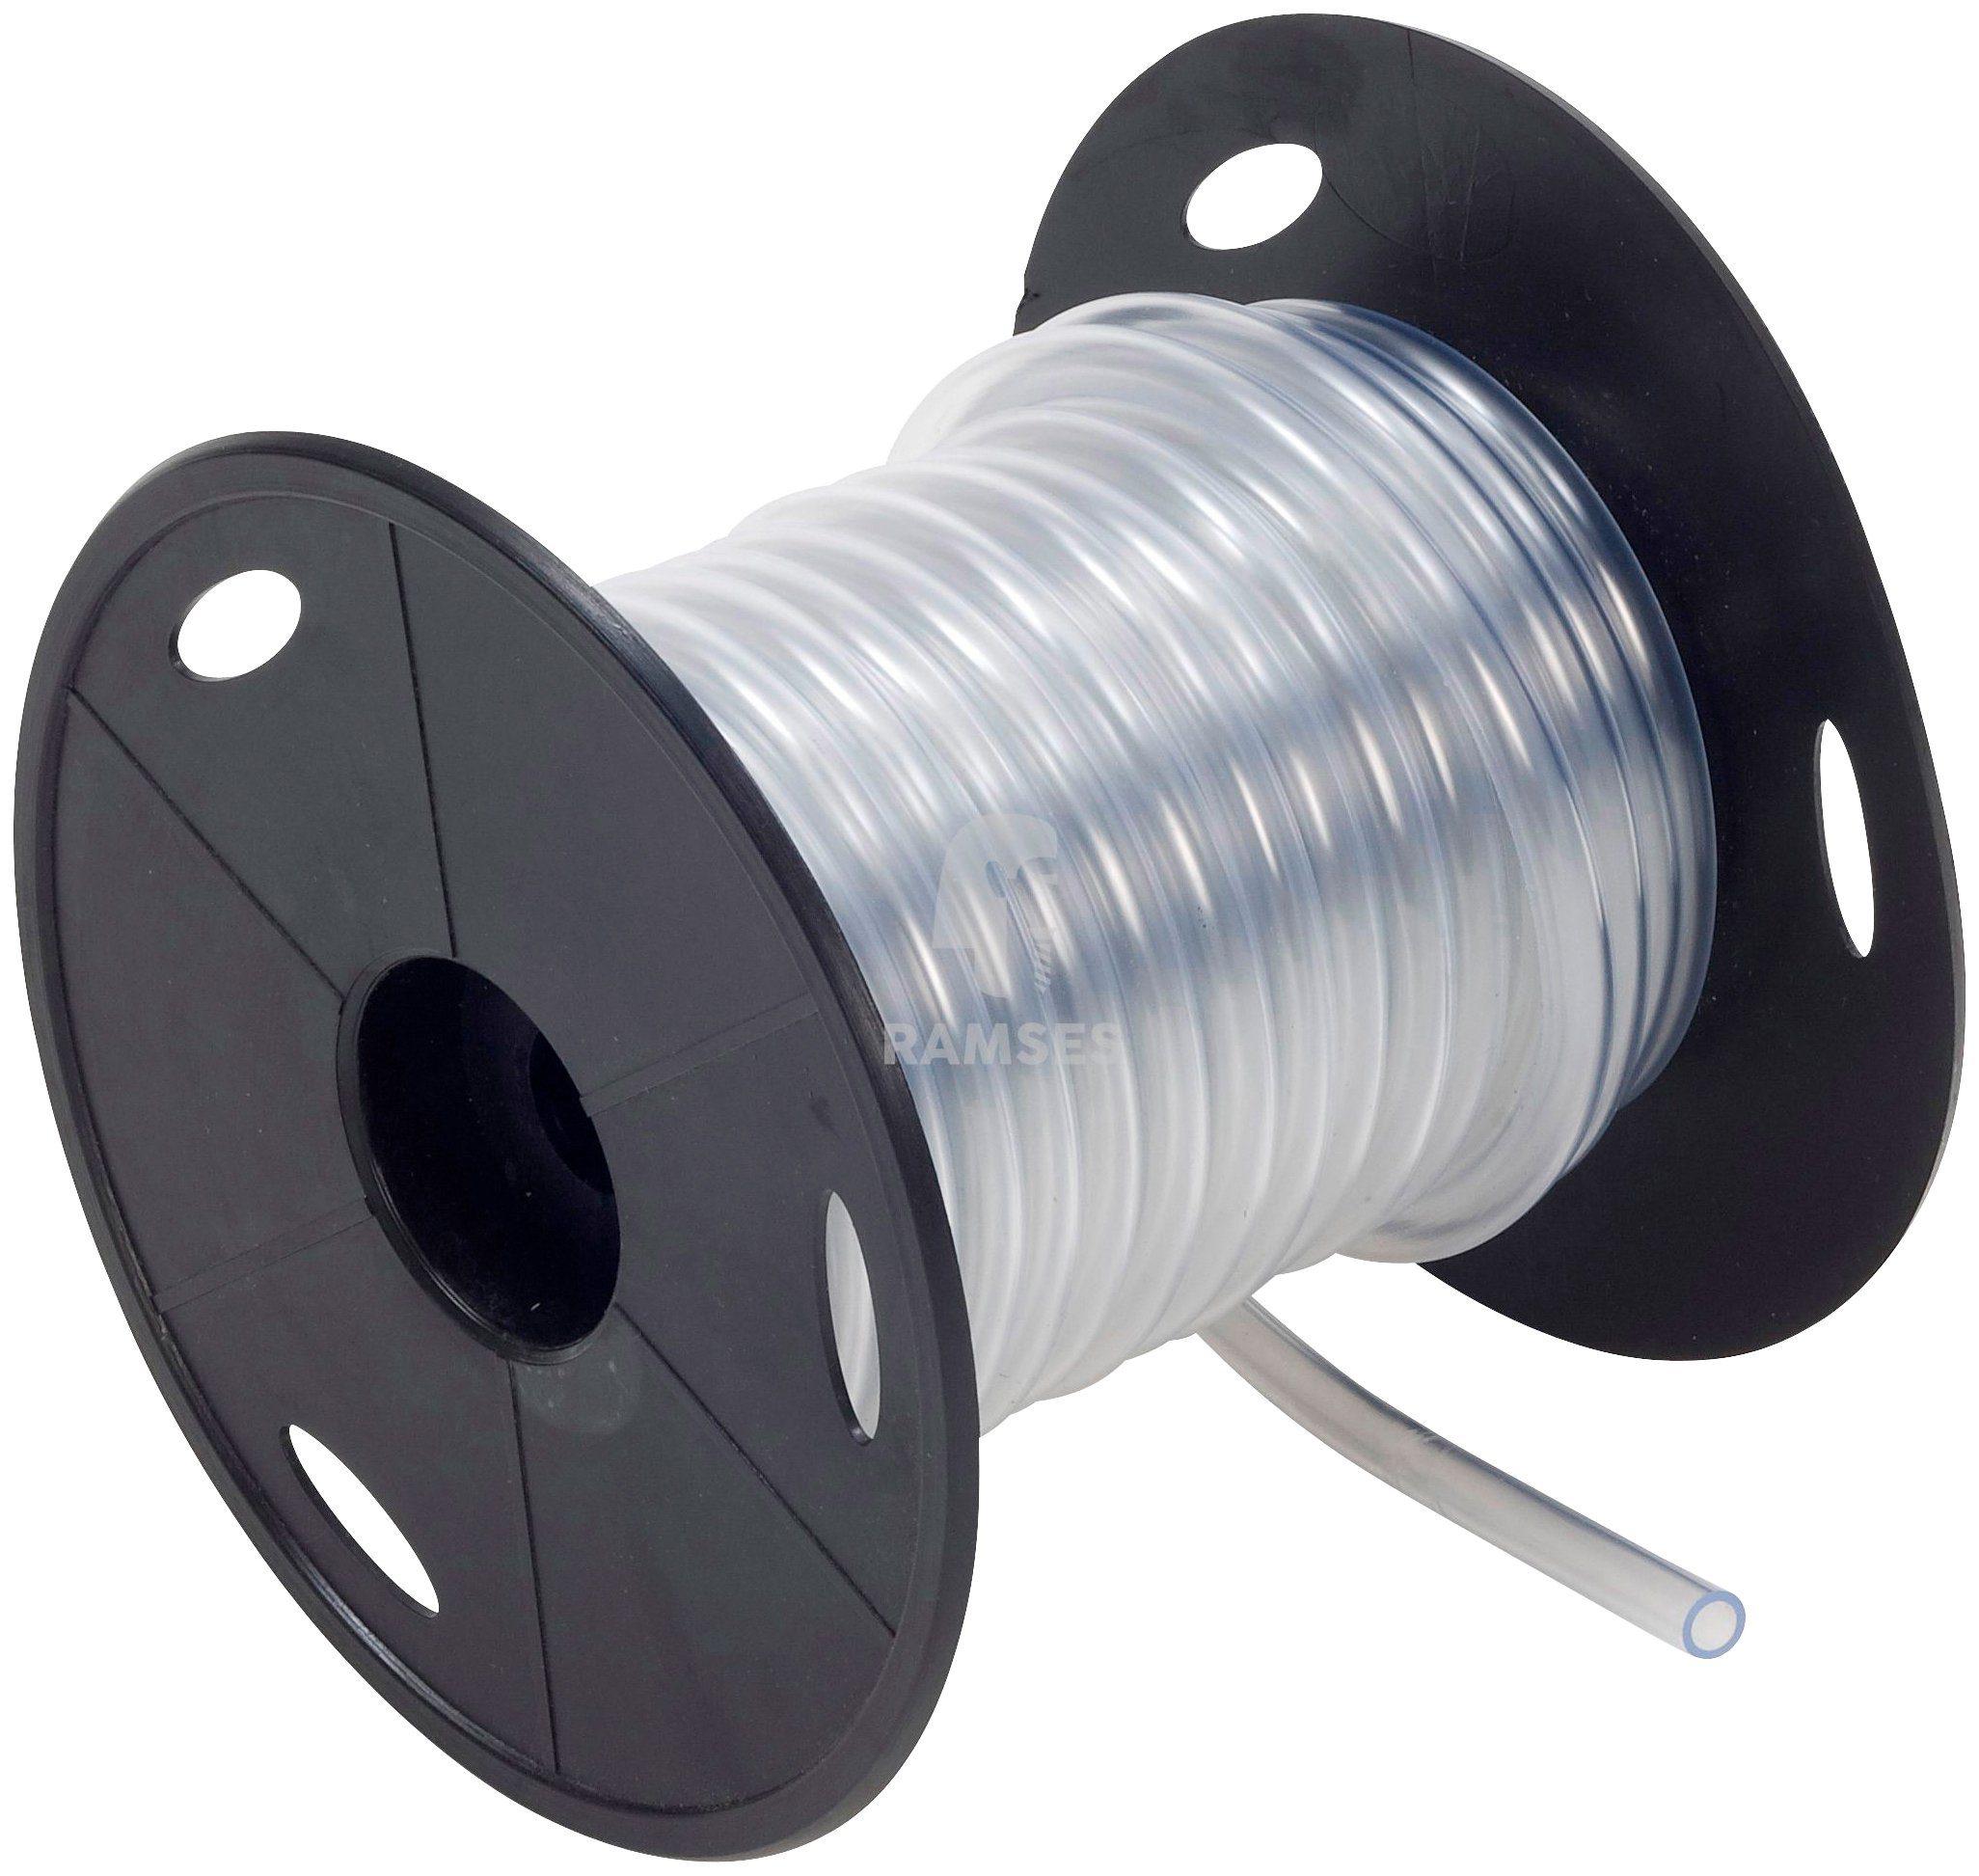 RAMSES Schlauch , PVC-Schlauch Glasklar 8 x 11 mm 15 Meter Spule